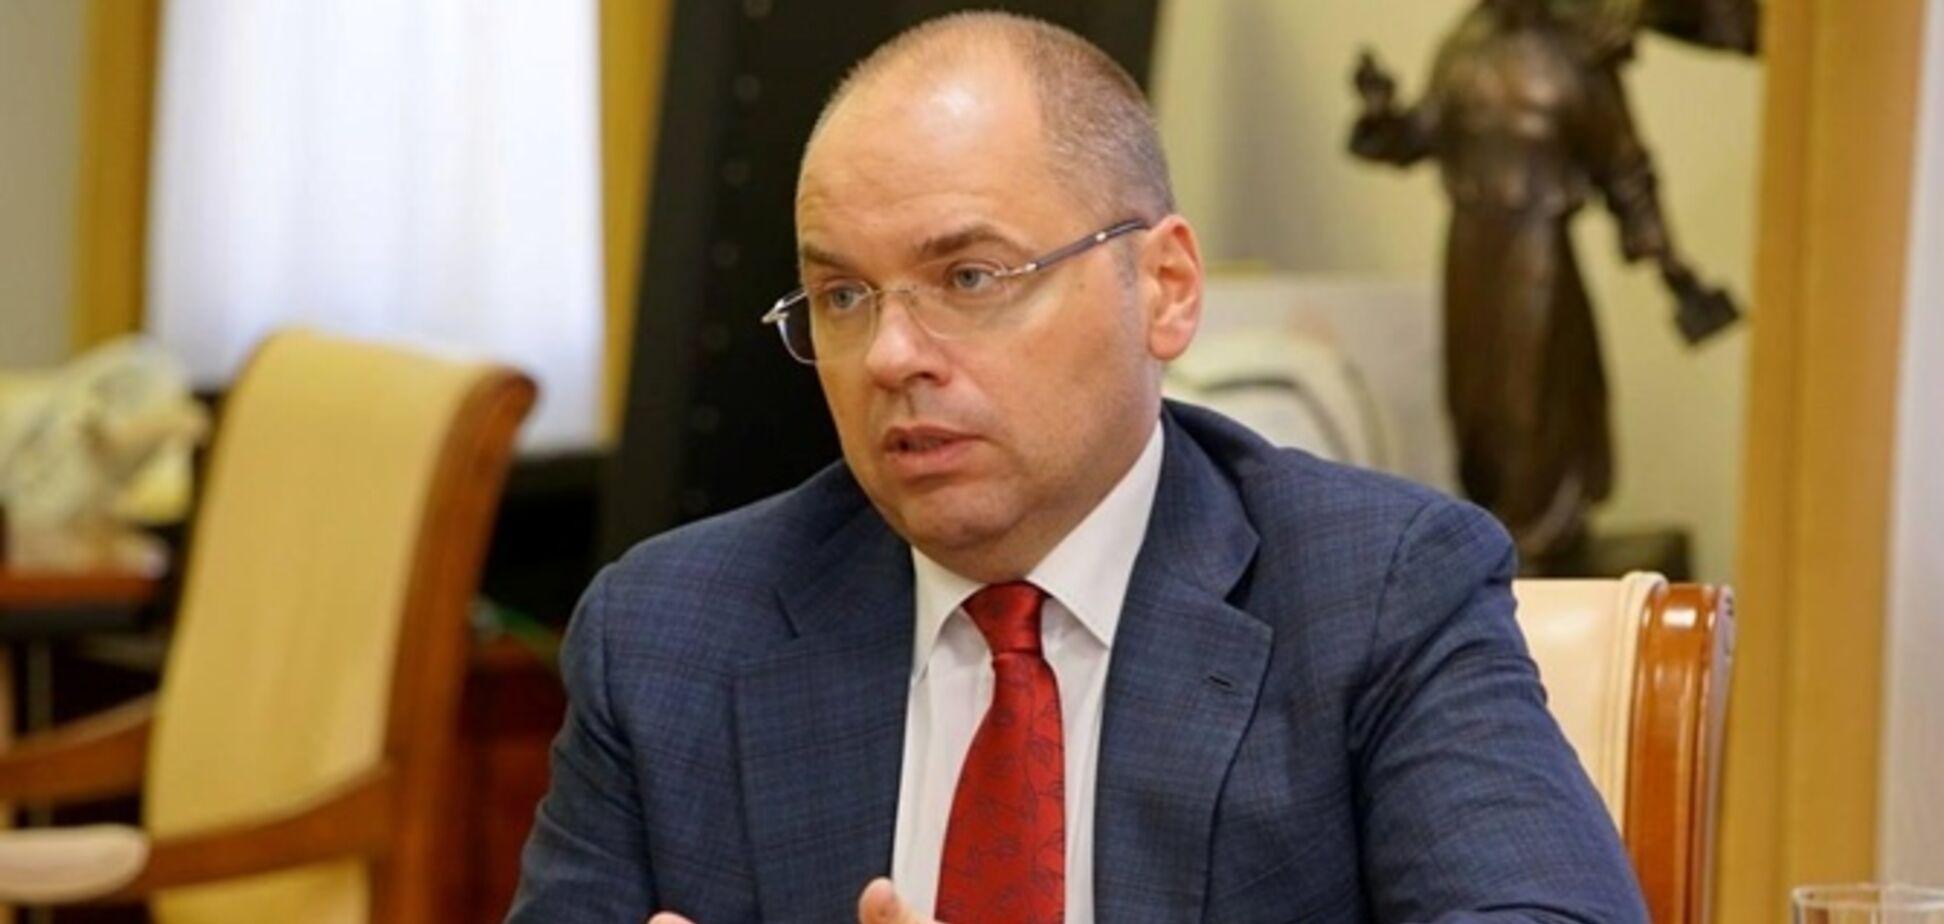 Кабмин оставил украинцев без денег: экс-губернатор рассказал о последствиях скандального решения